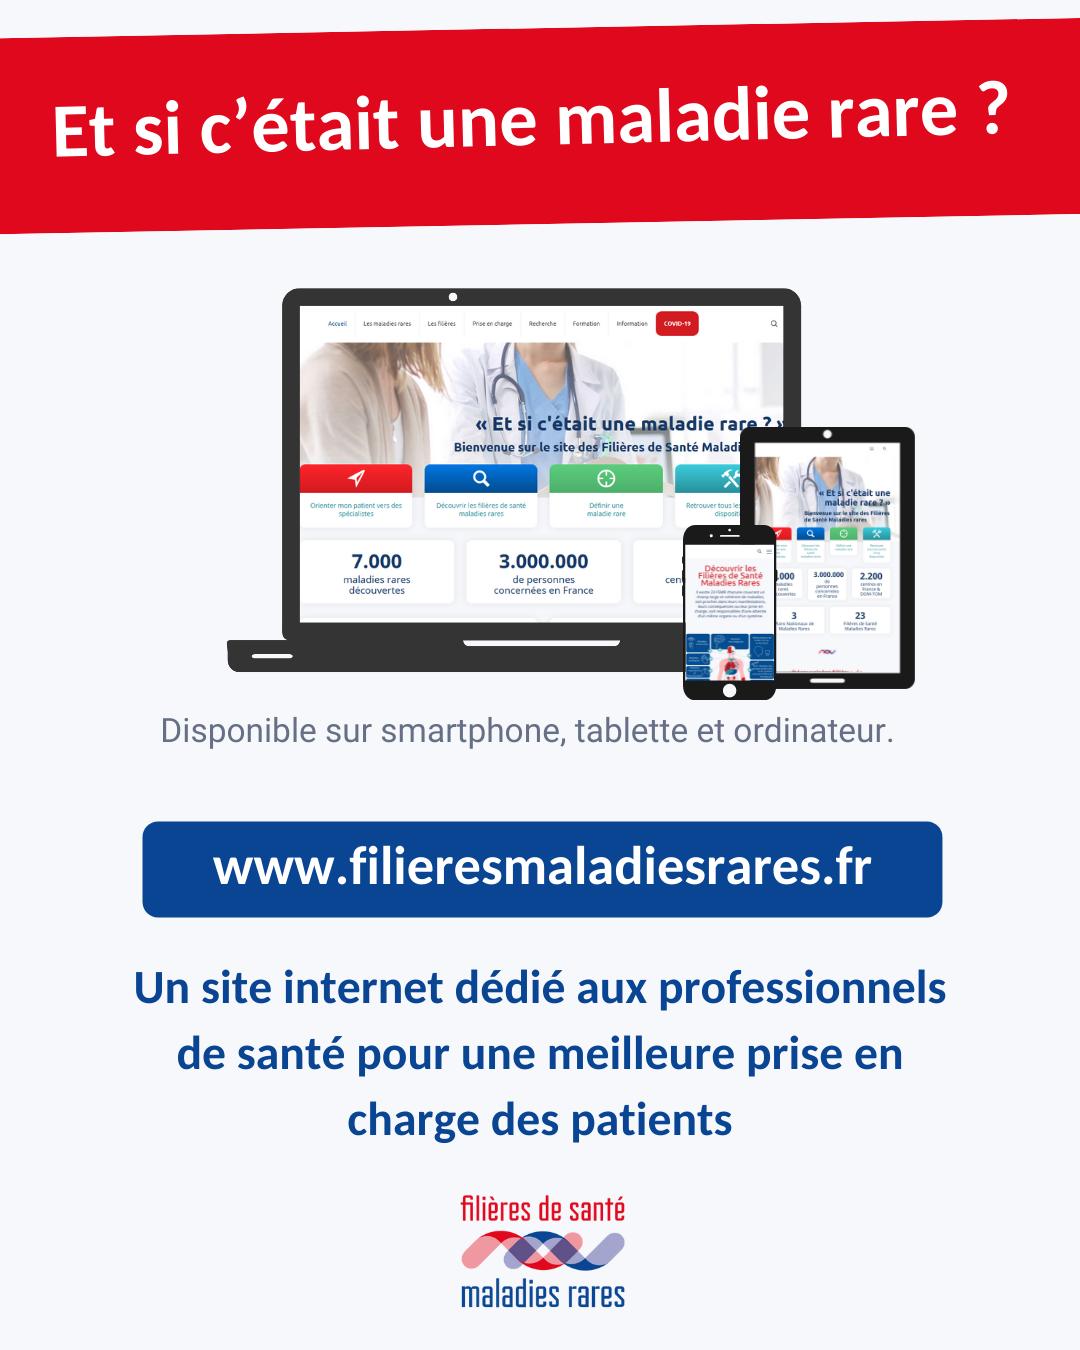 Lancement du site filieresmaladiesrares.fr pour une meilleure prise charge des patients